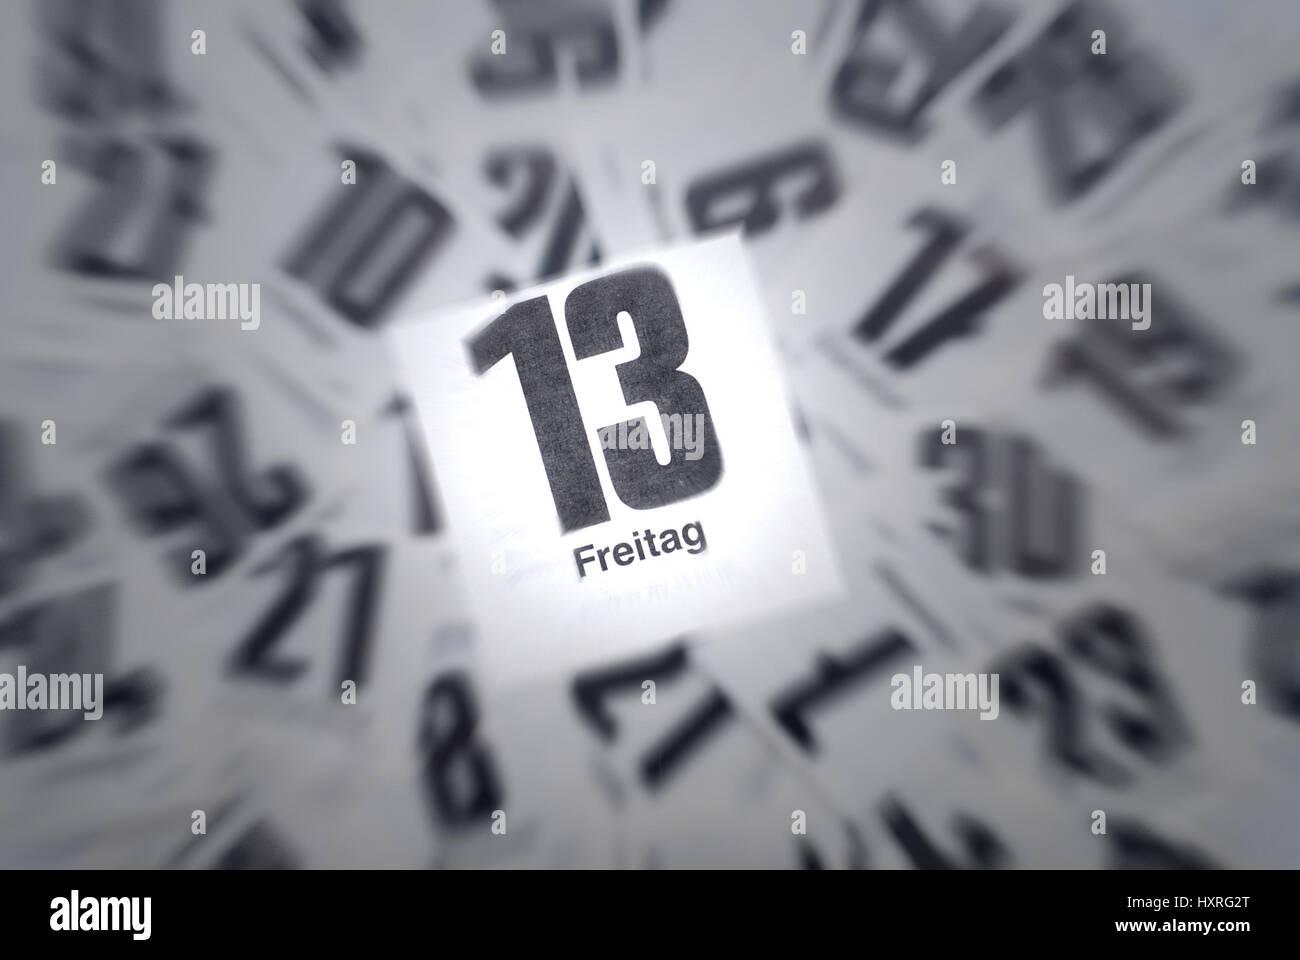 Aberglaube Unglück freitag 13 13 13 dreizehn kalender kalender blatt